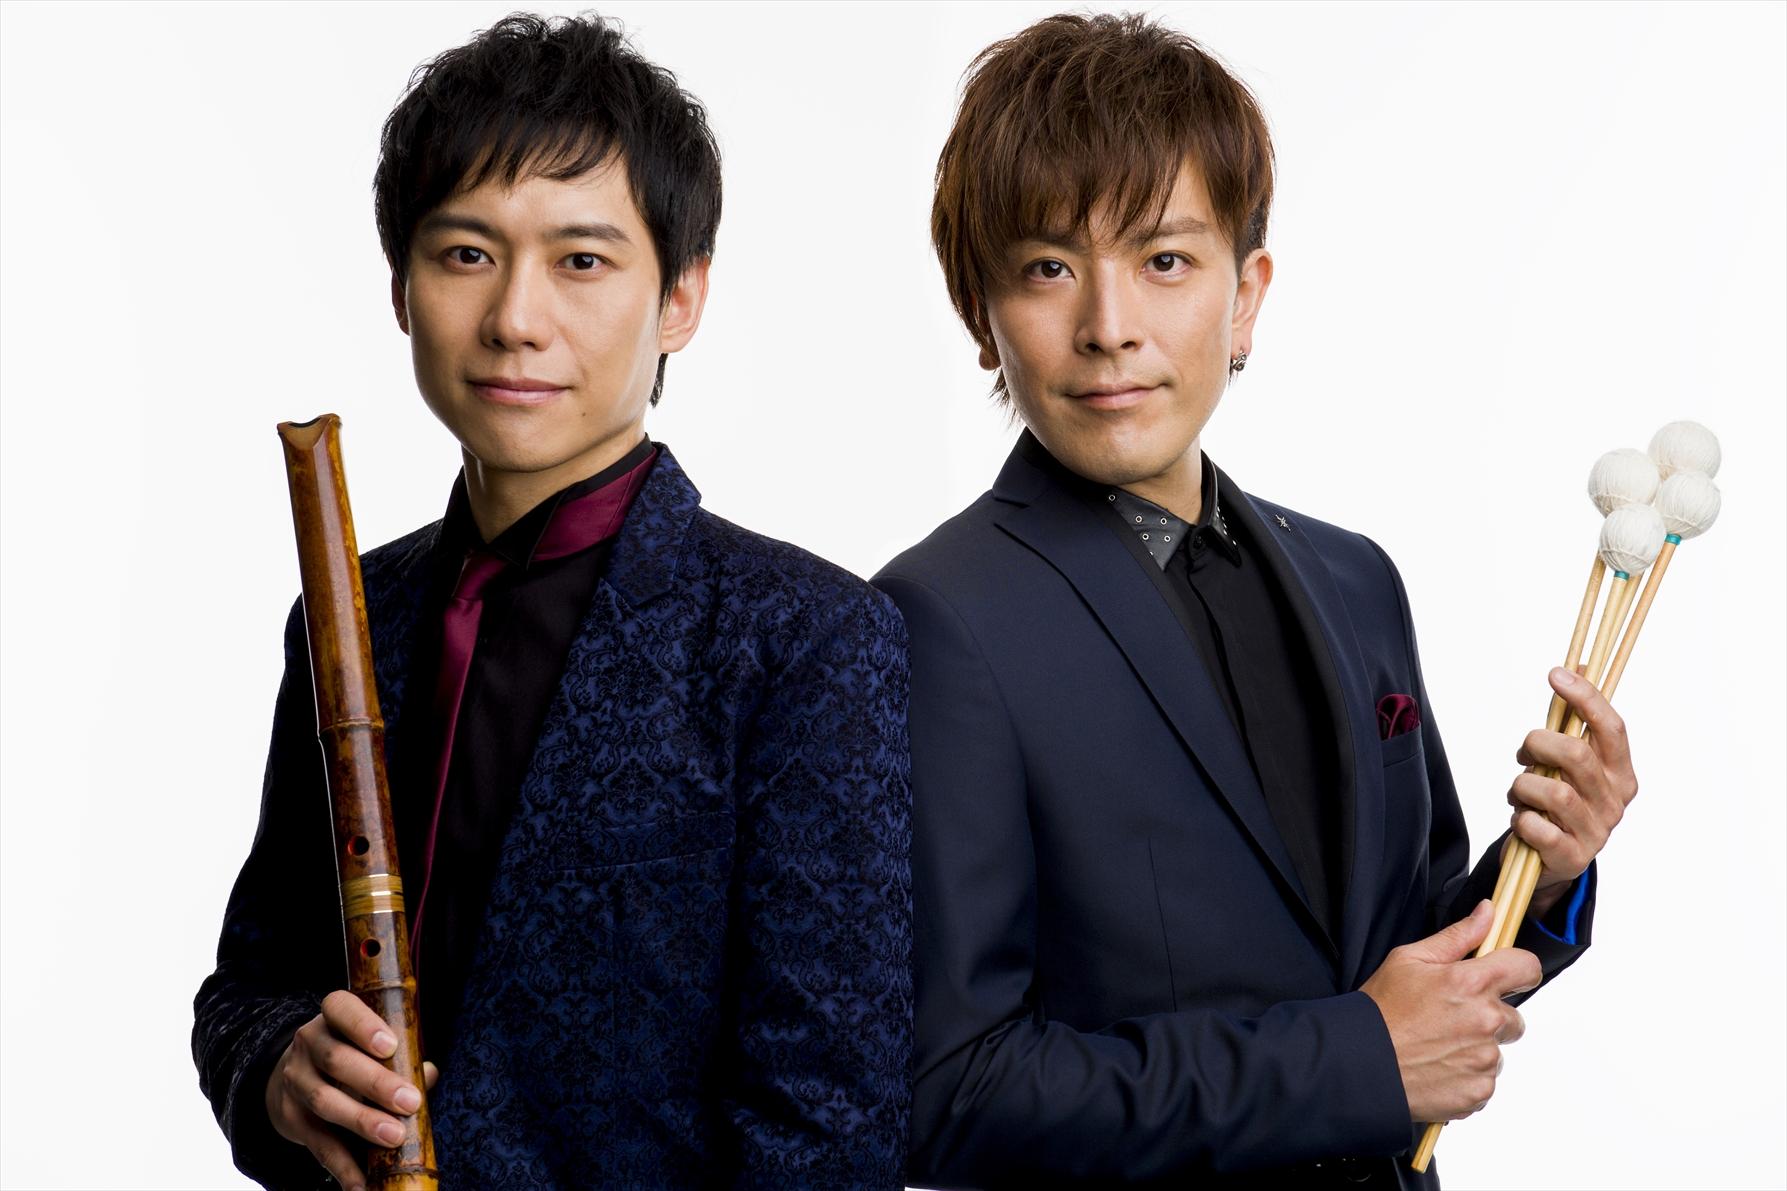 藤原道山×SINSKE 5th Anniversary コンサート 〜尺八とマリンバによる世界最小オーケストラ〜